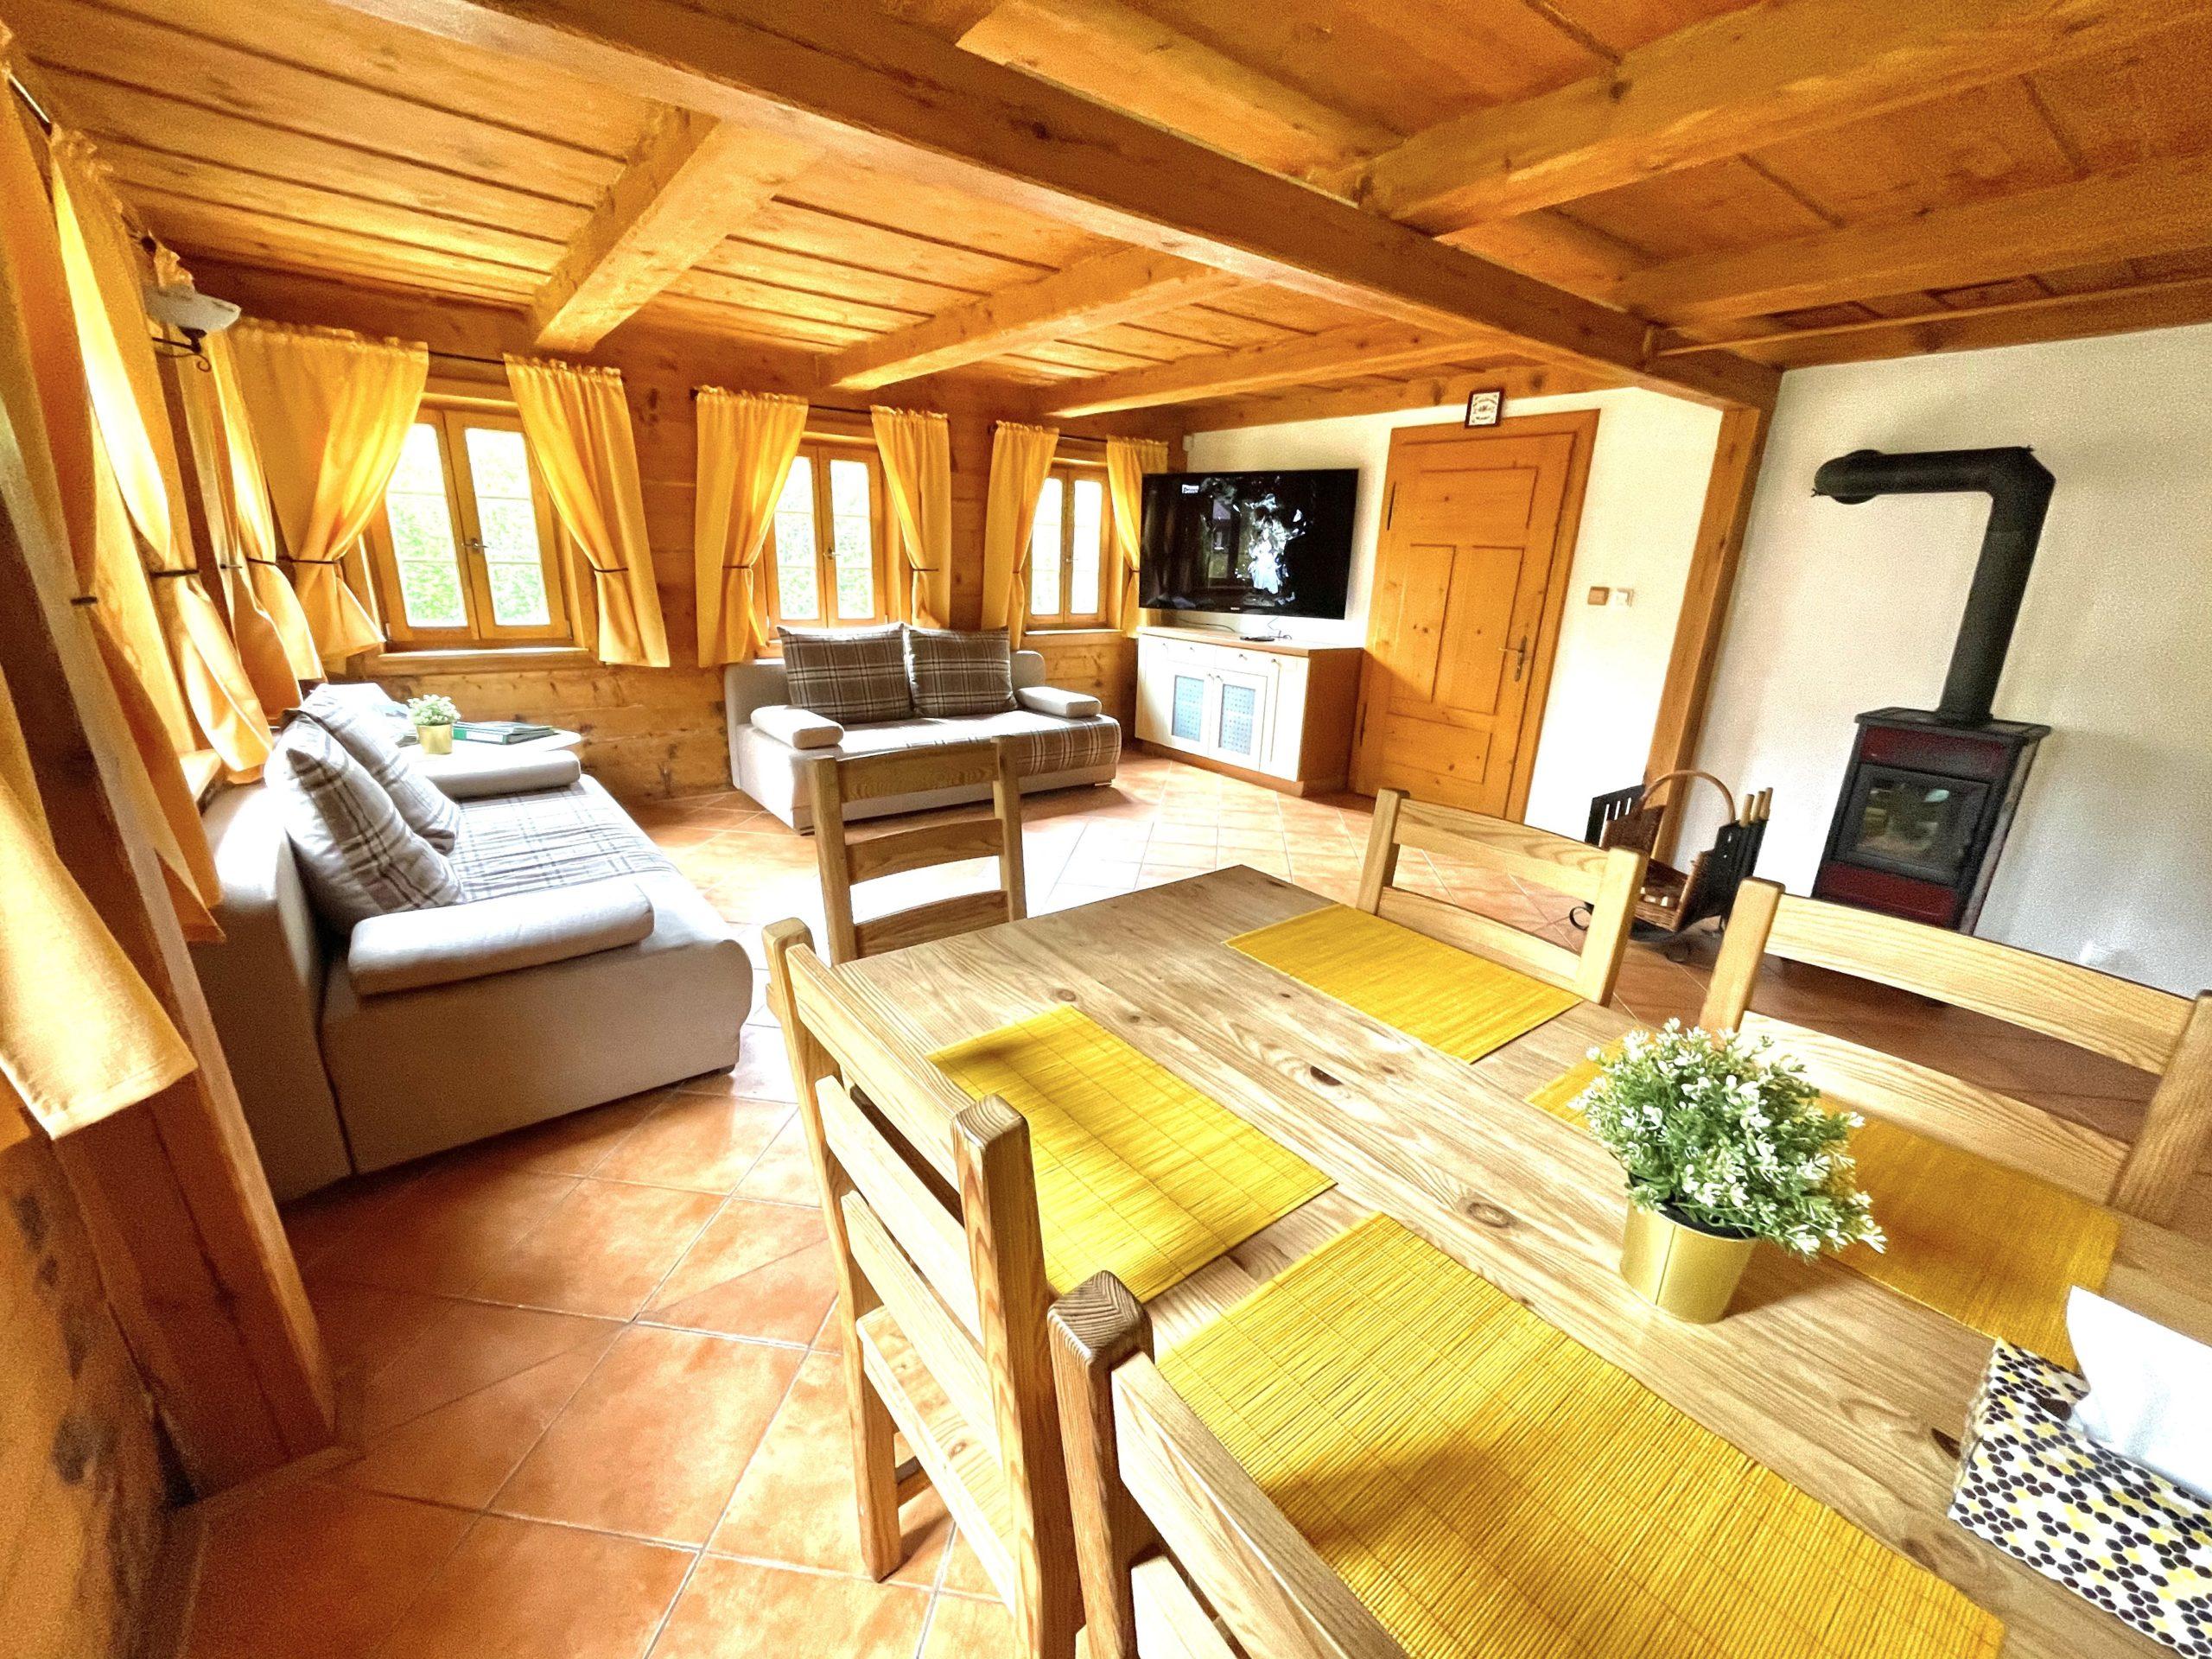 Obývací pokoj s kuchyňským koutem - Chalupa Lužické hory